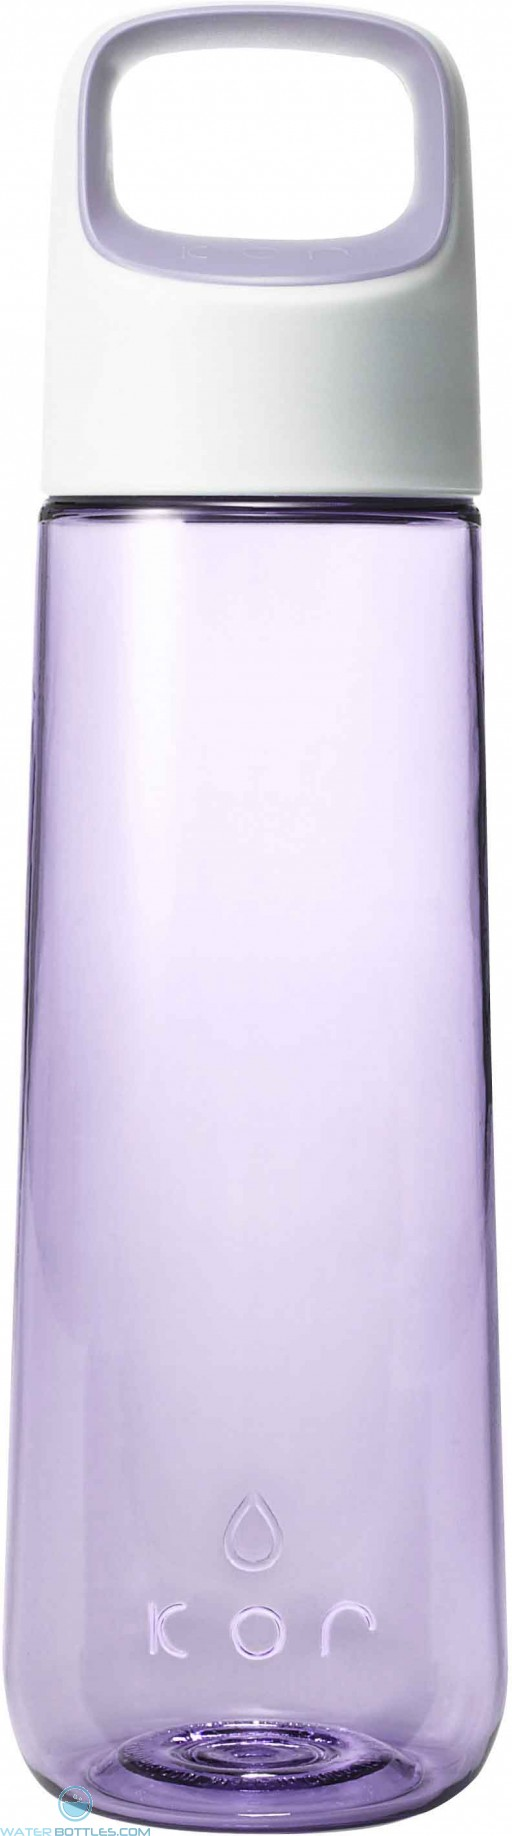 KOR Aura Bottles   25 oz - Lavender